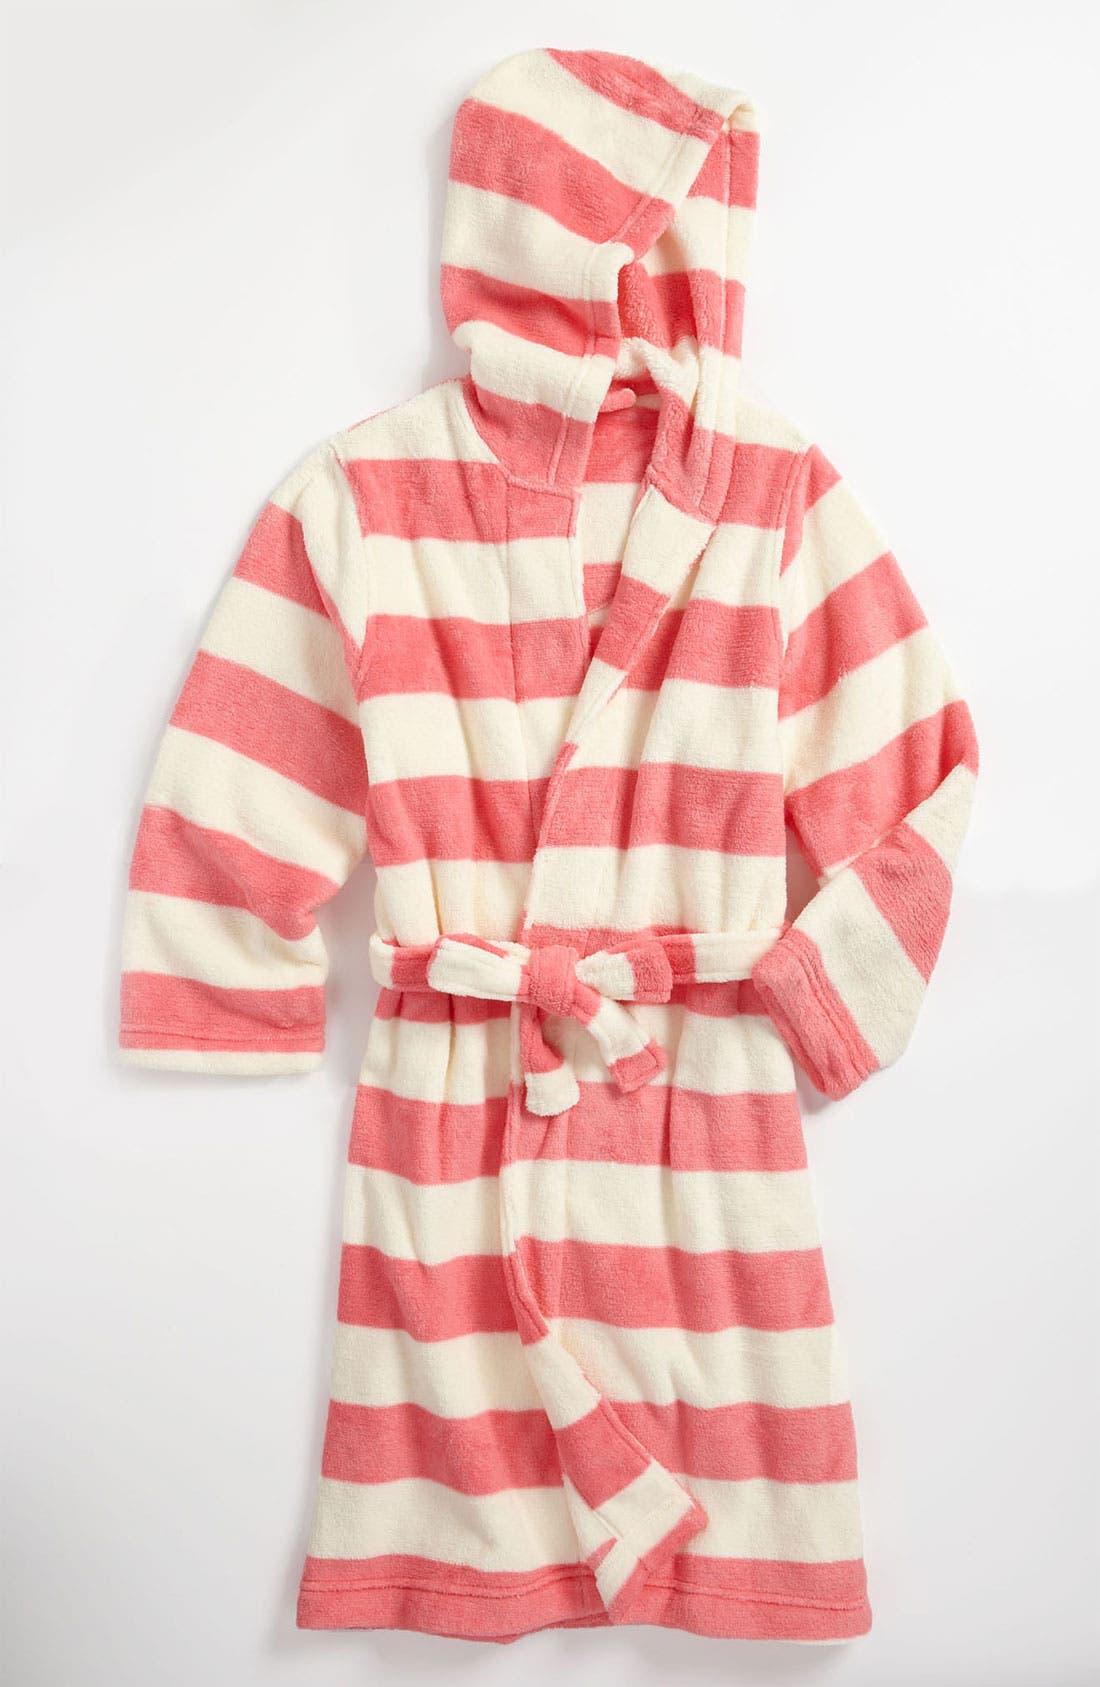 Alternate Image 1 Selected - Tucker + Tate Hooded Robe (Little Girls & Big Girls)